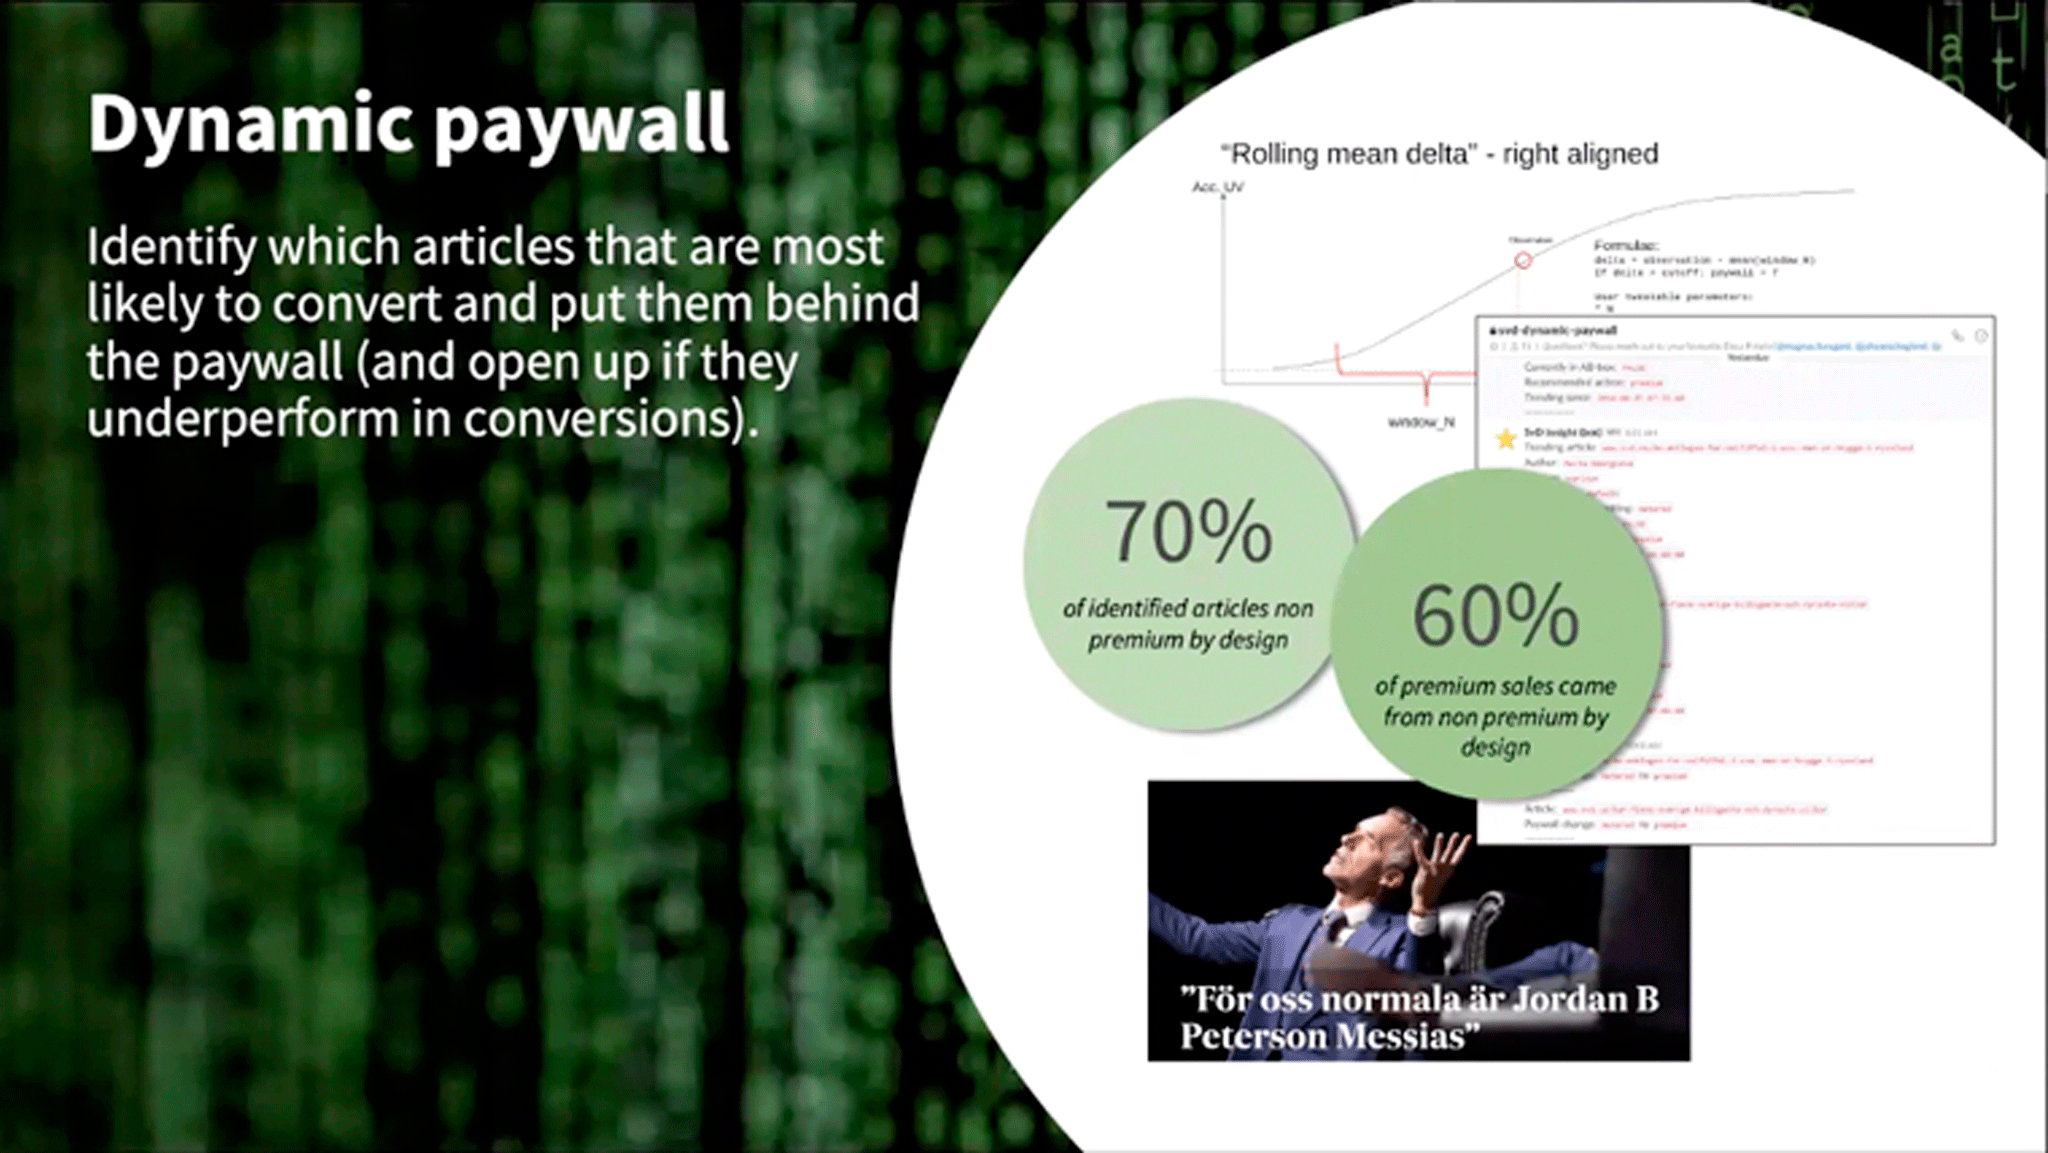 Важная часть стратегии Schibsted — грамотное распределение контента: одни статьи попадают в общий доступ, другие распространяются только по подписке